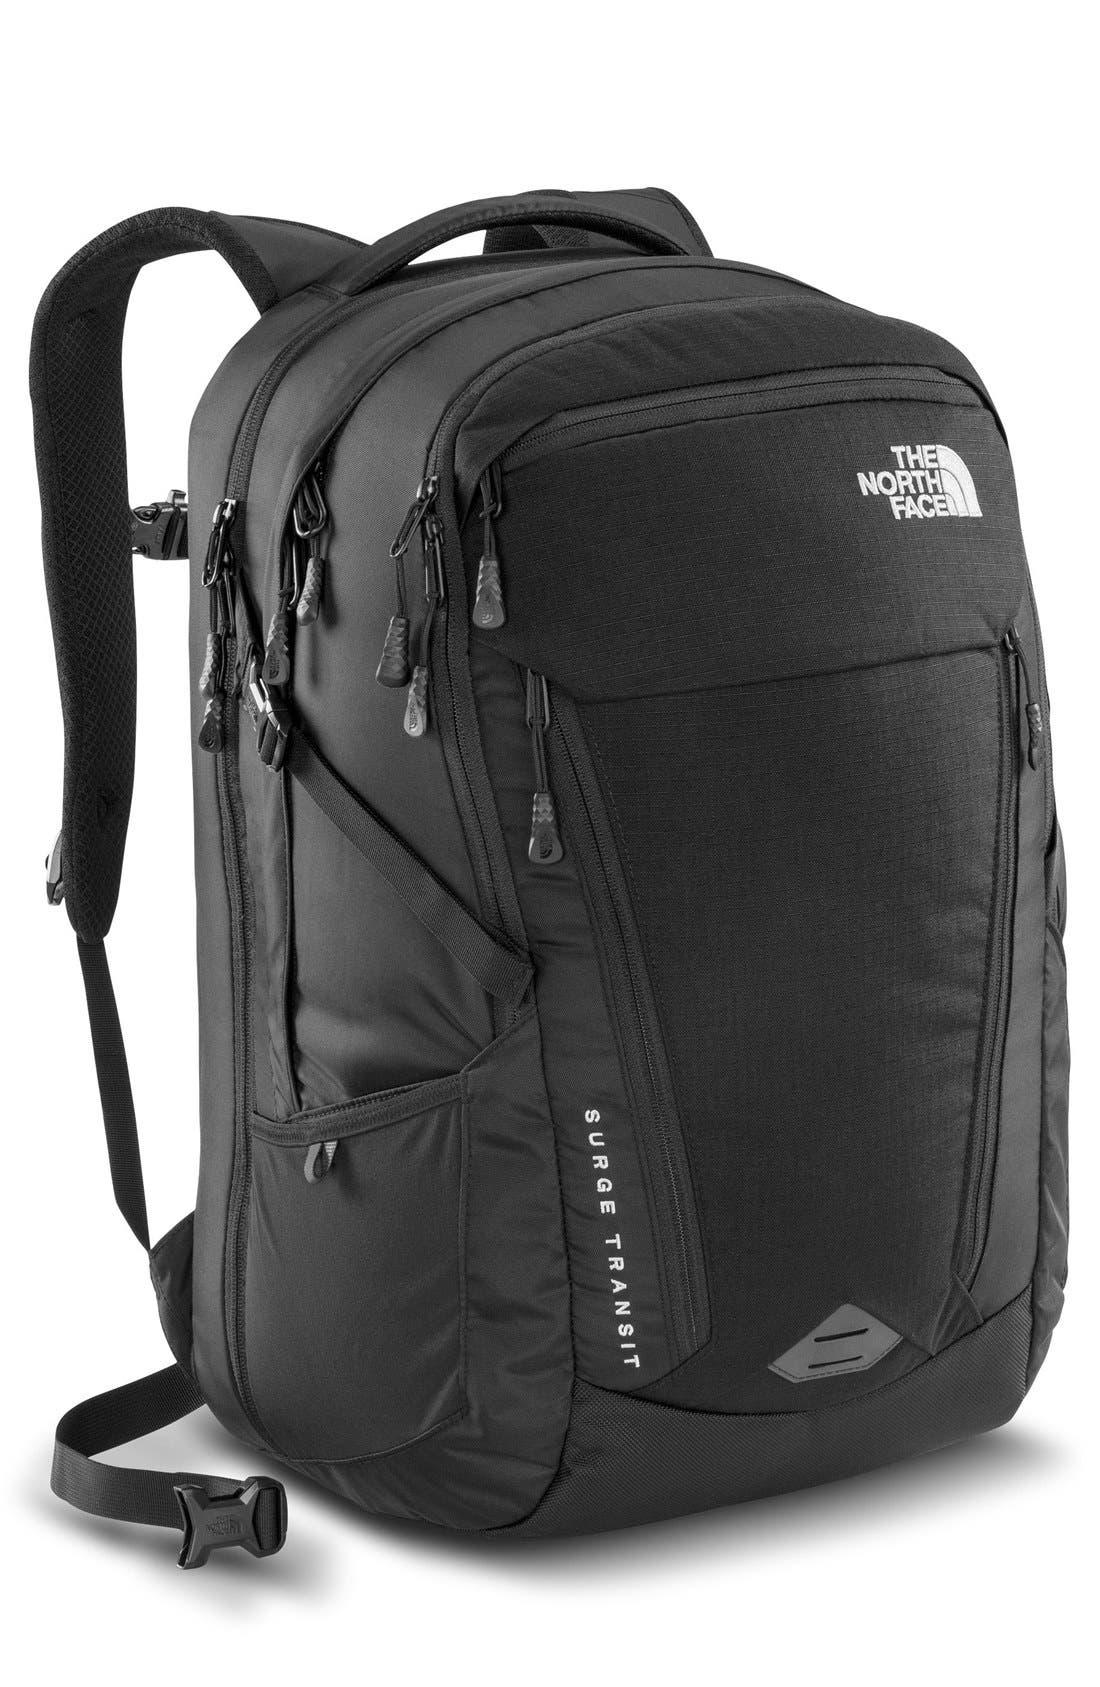 Surge Transit Backpack,                             Main thumbnail 1, color,                             004